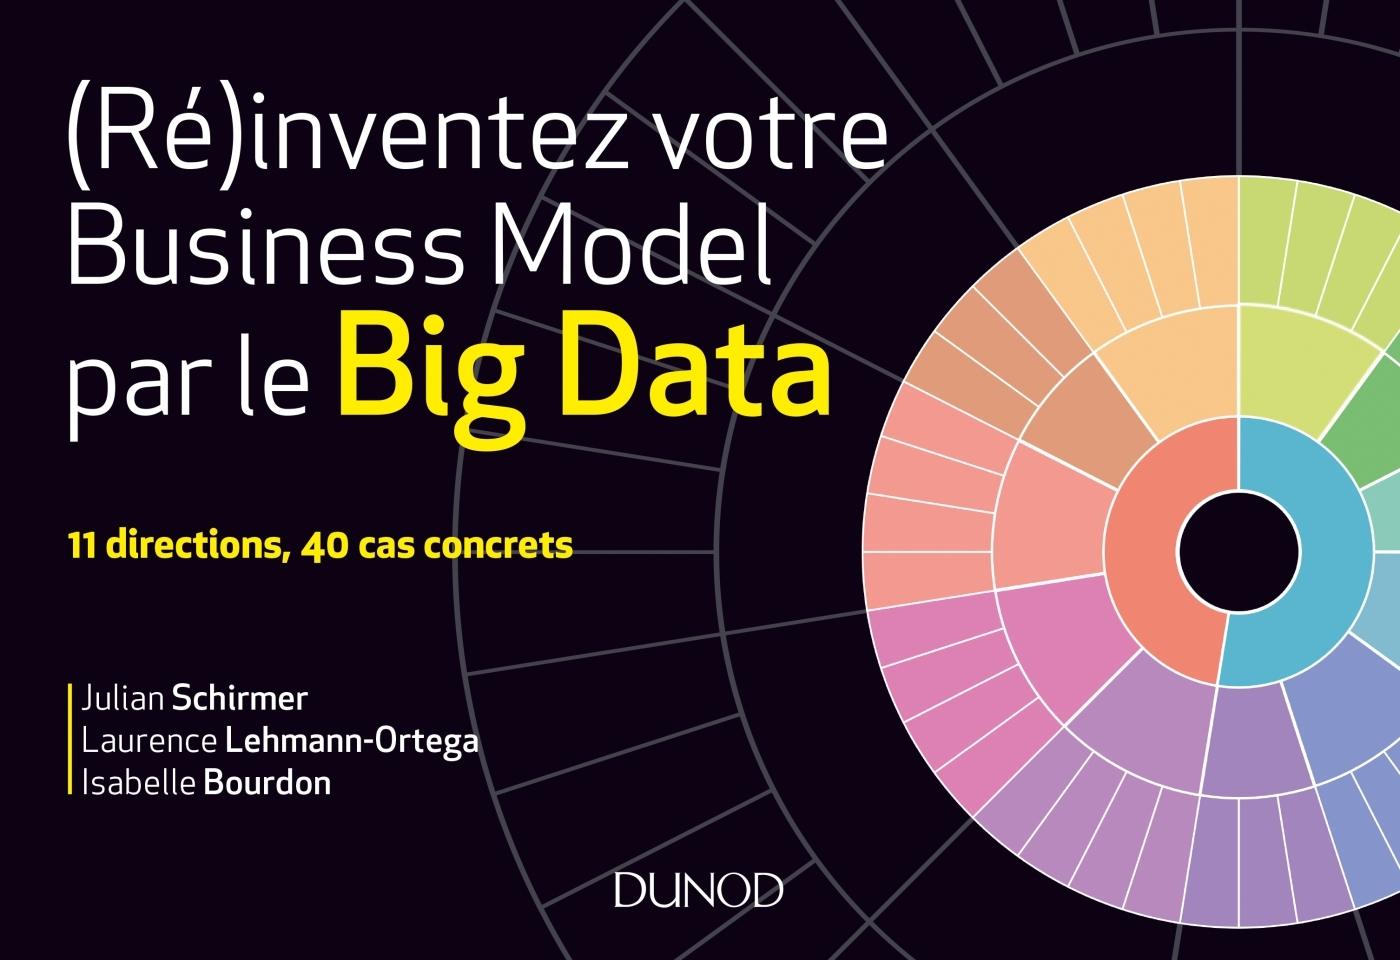 (RE)INVENTEZ VOTRE BUSINESS MODEL PAR LE BIG DATA